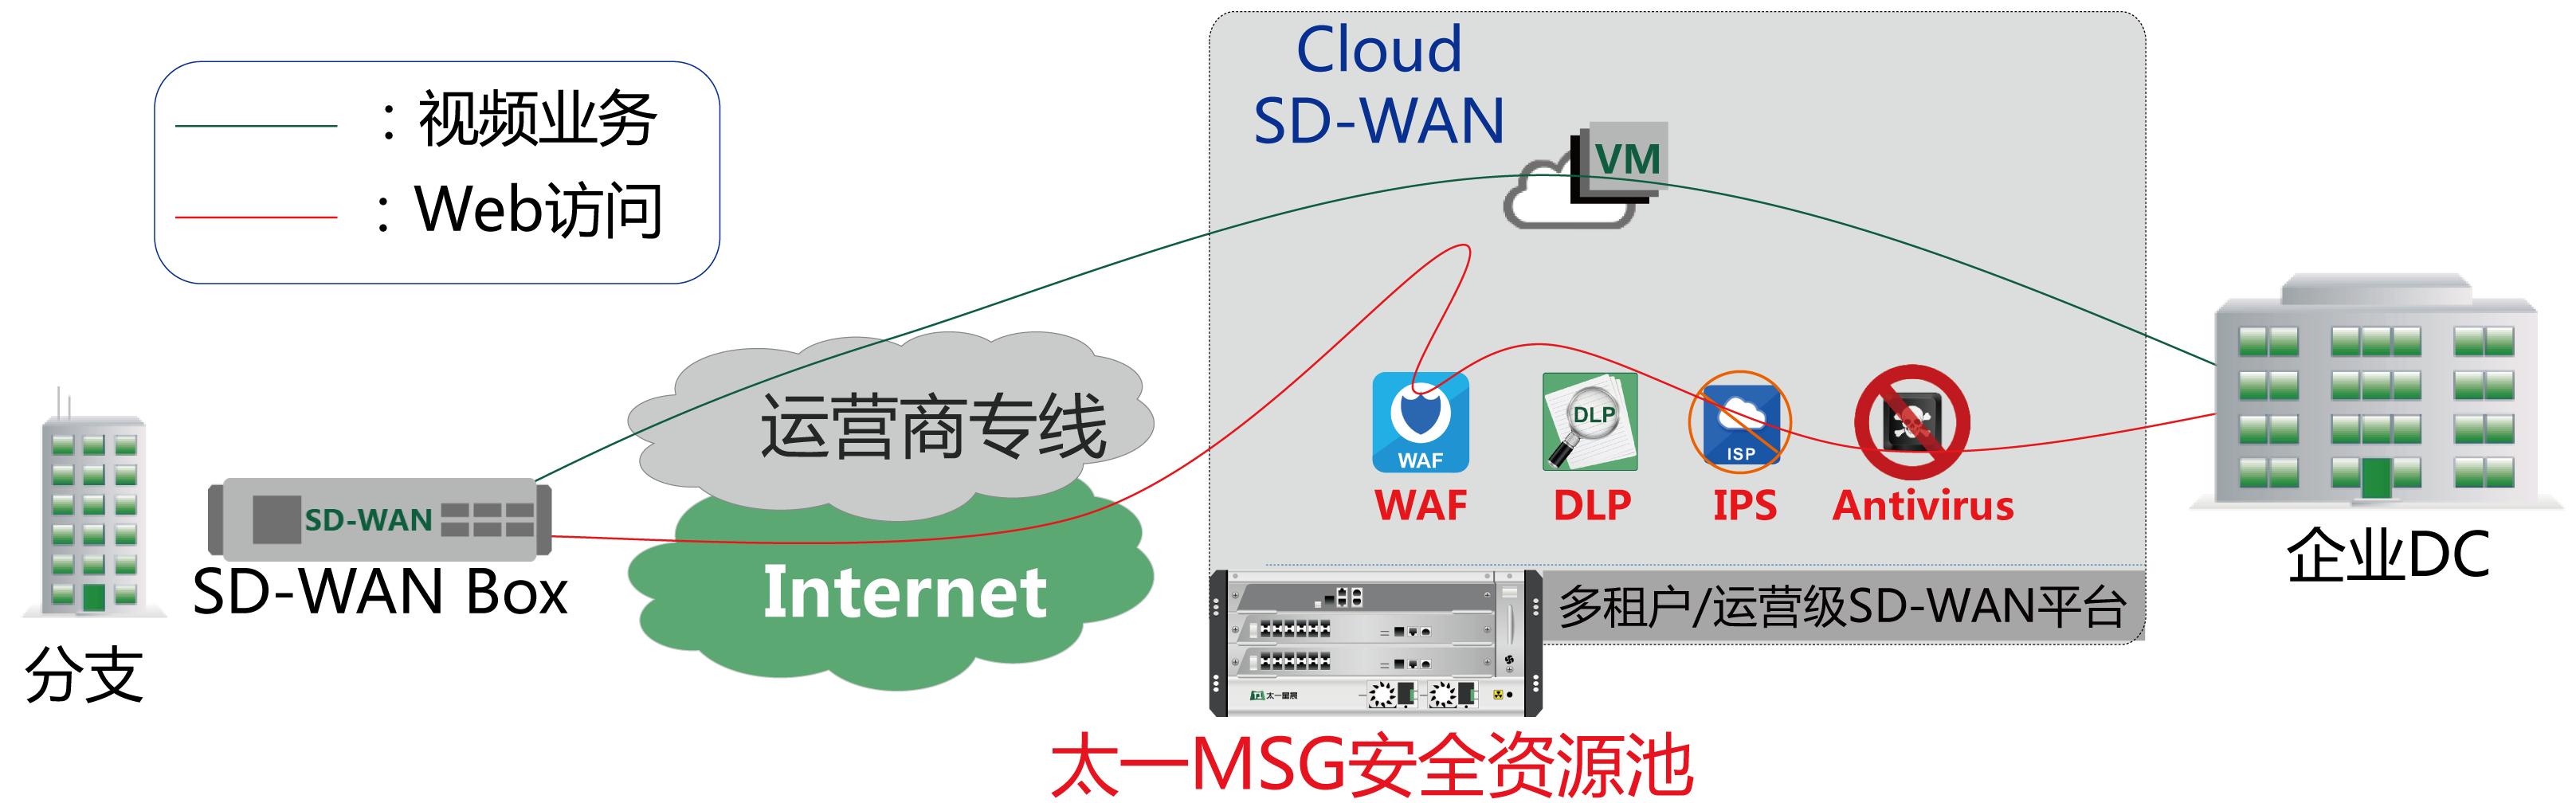 05.安全能力插入,根据业务类型的安全防护需求提供可编程控制-01.png